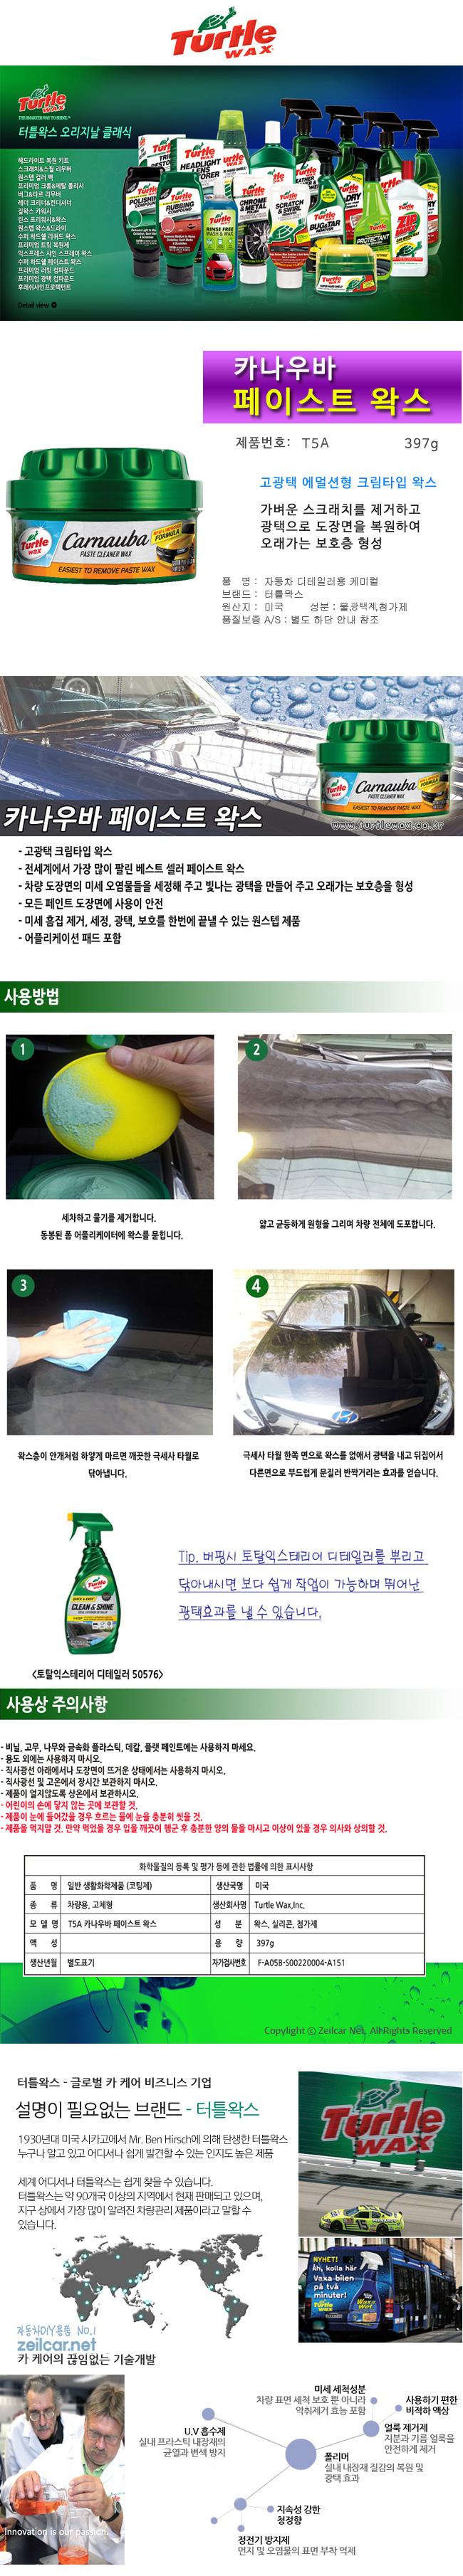 터틀왁스 카나우바 페이스트 왁스(T5A)  -미세스크래치제거 고광택 도장복원 왁스